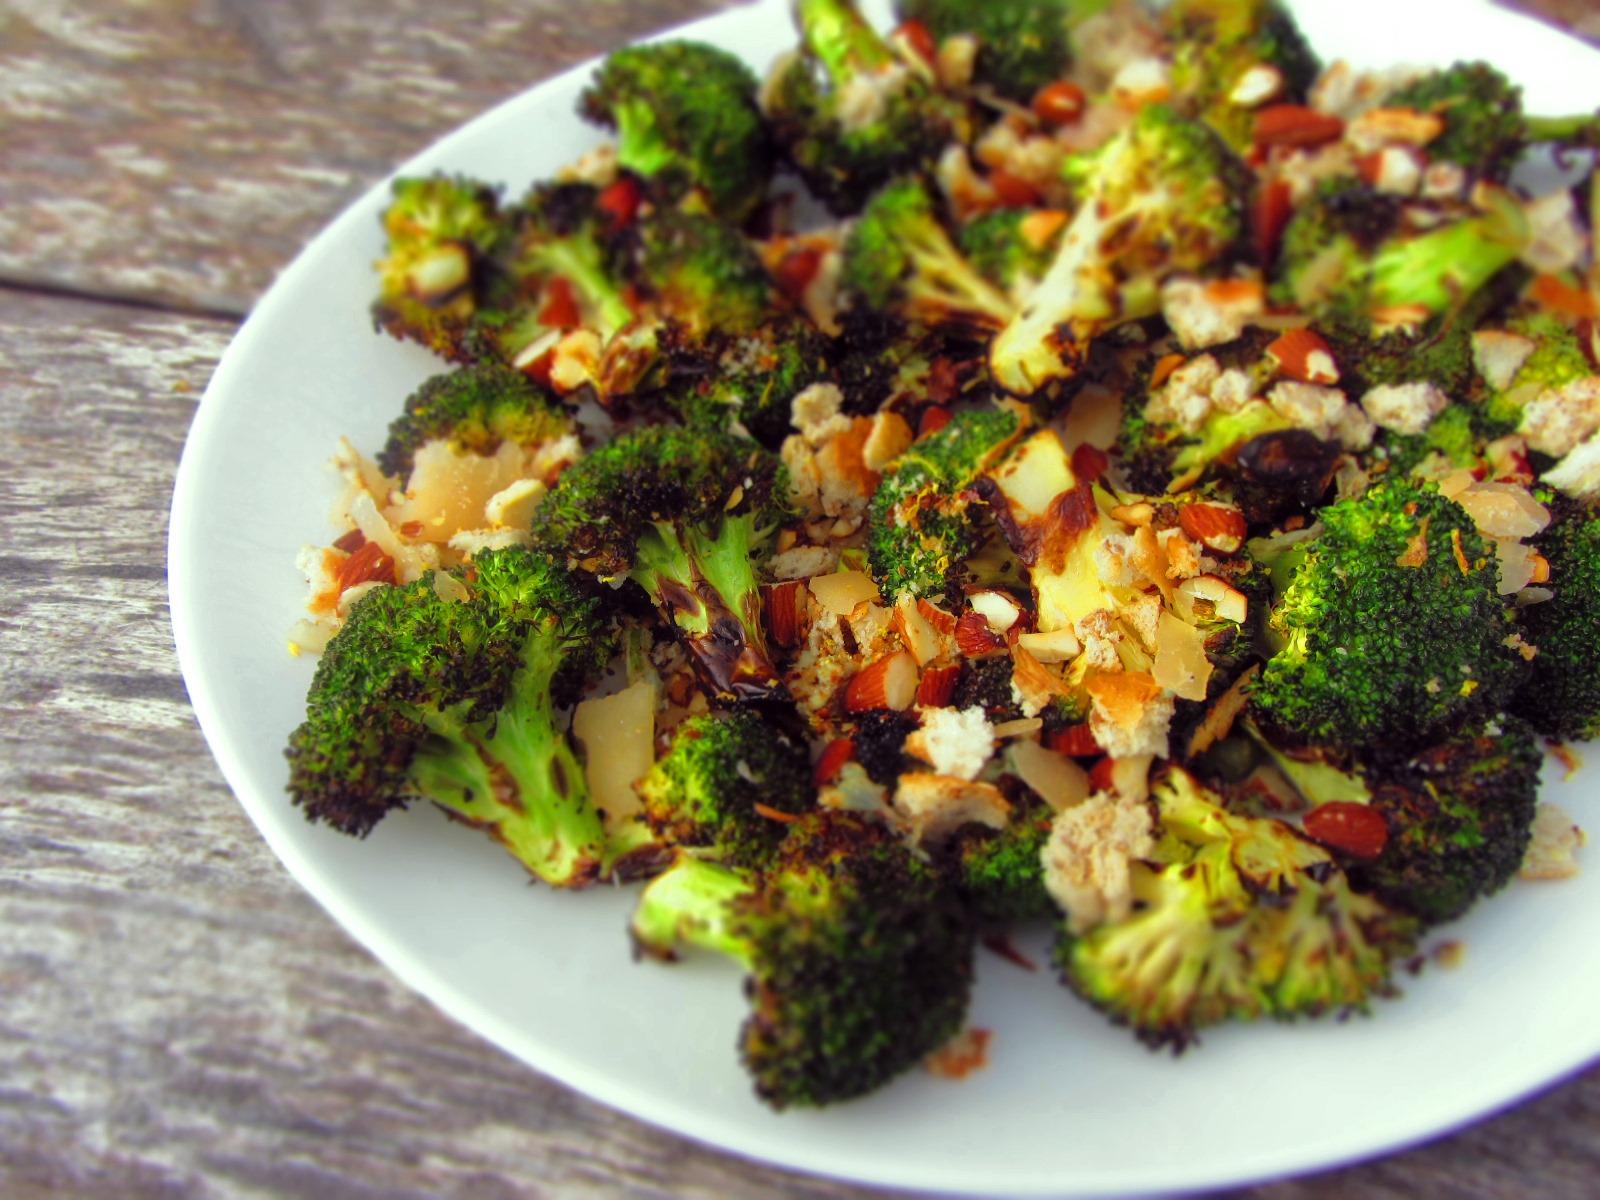 Grilēti brokoļi ar ķiploka-citrona-mandeļu drupačām